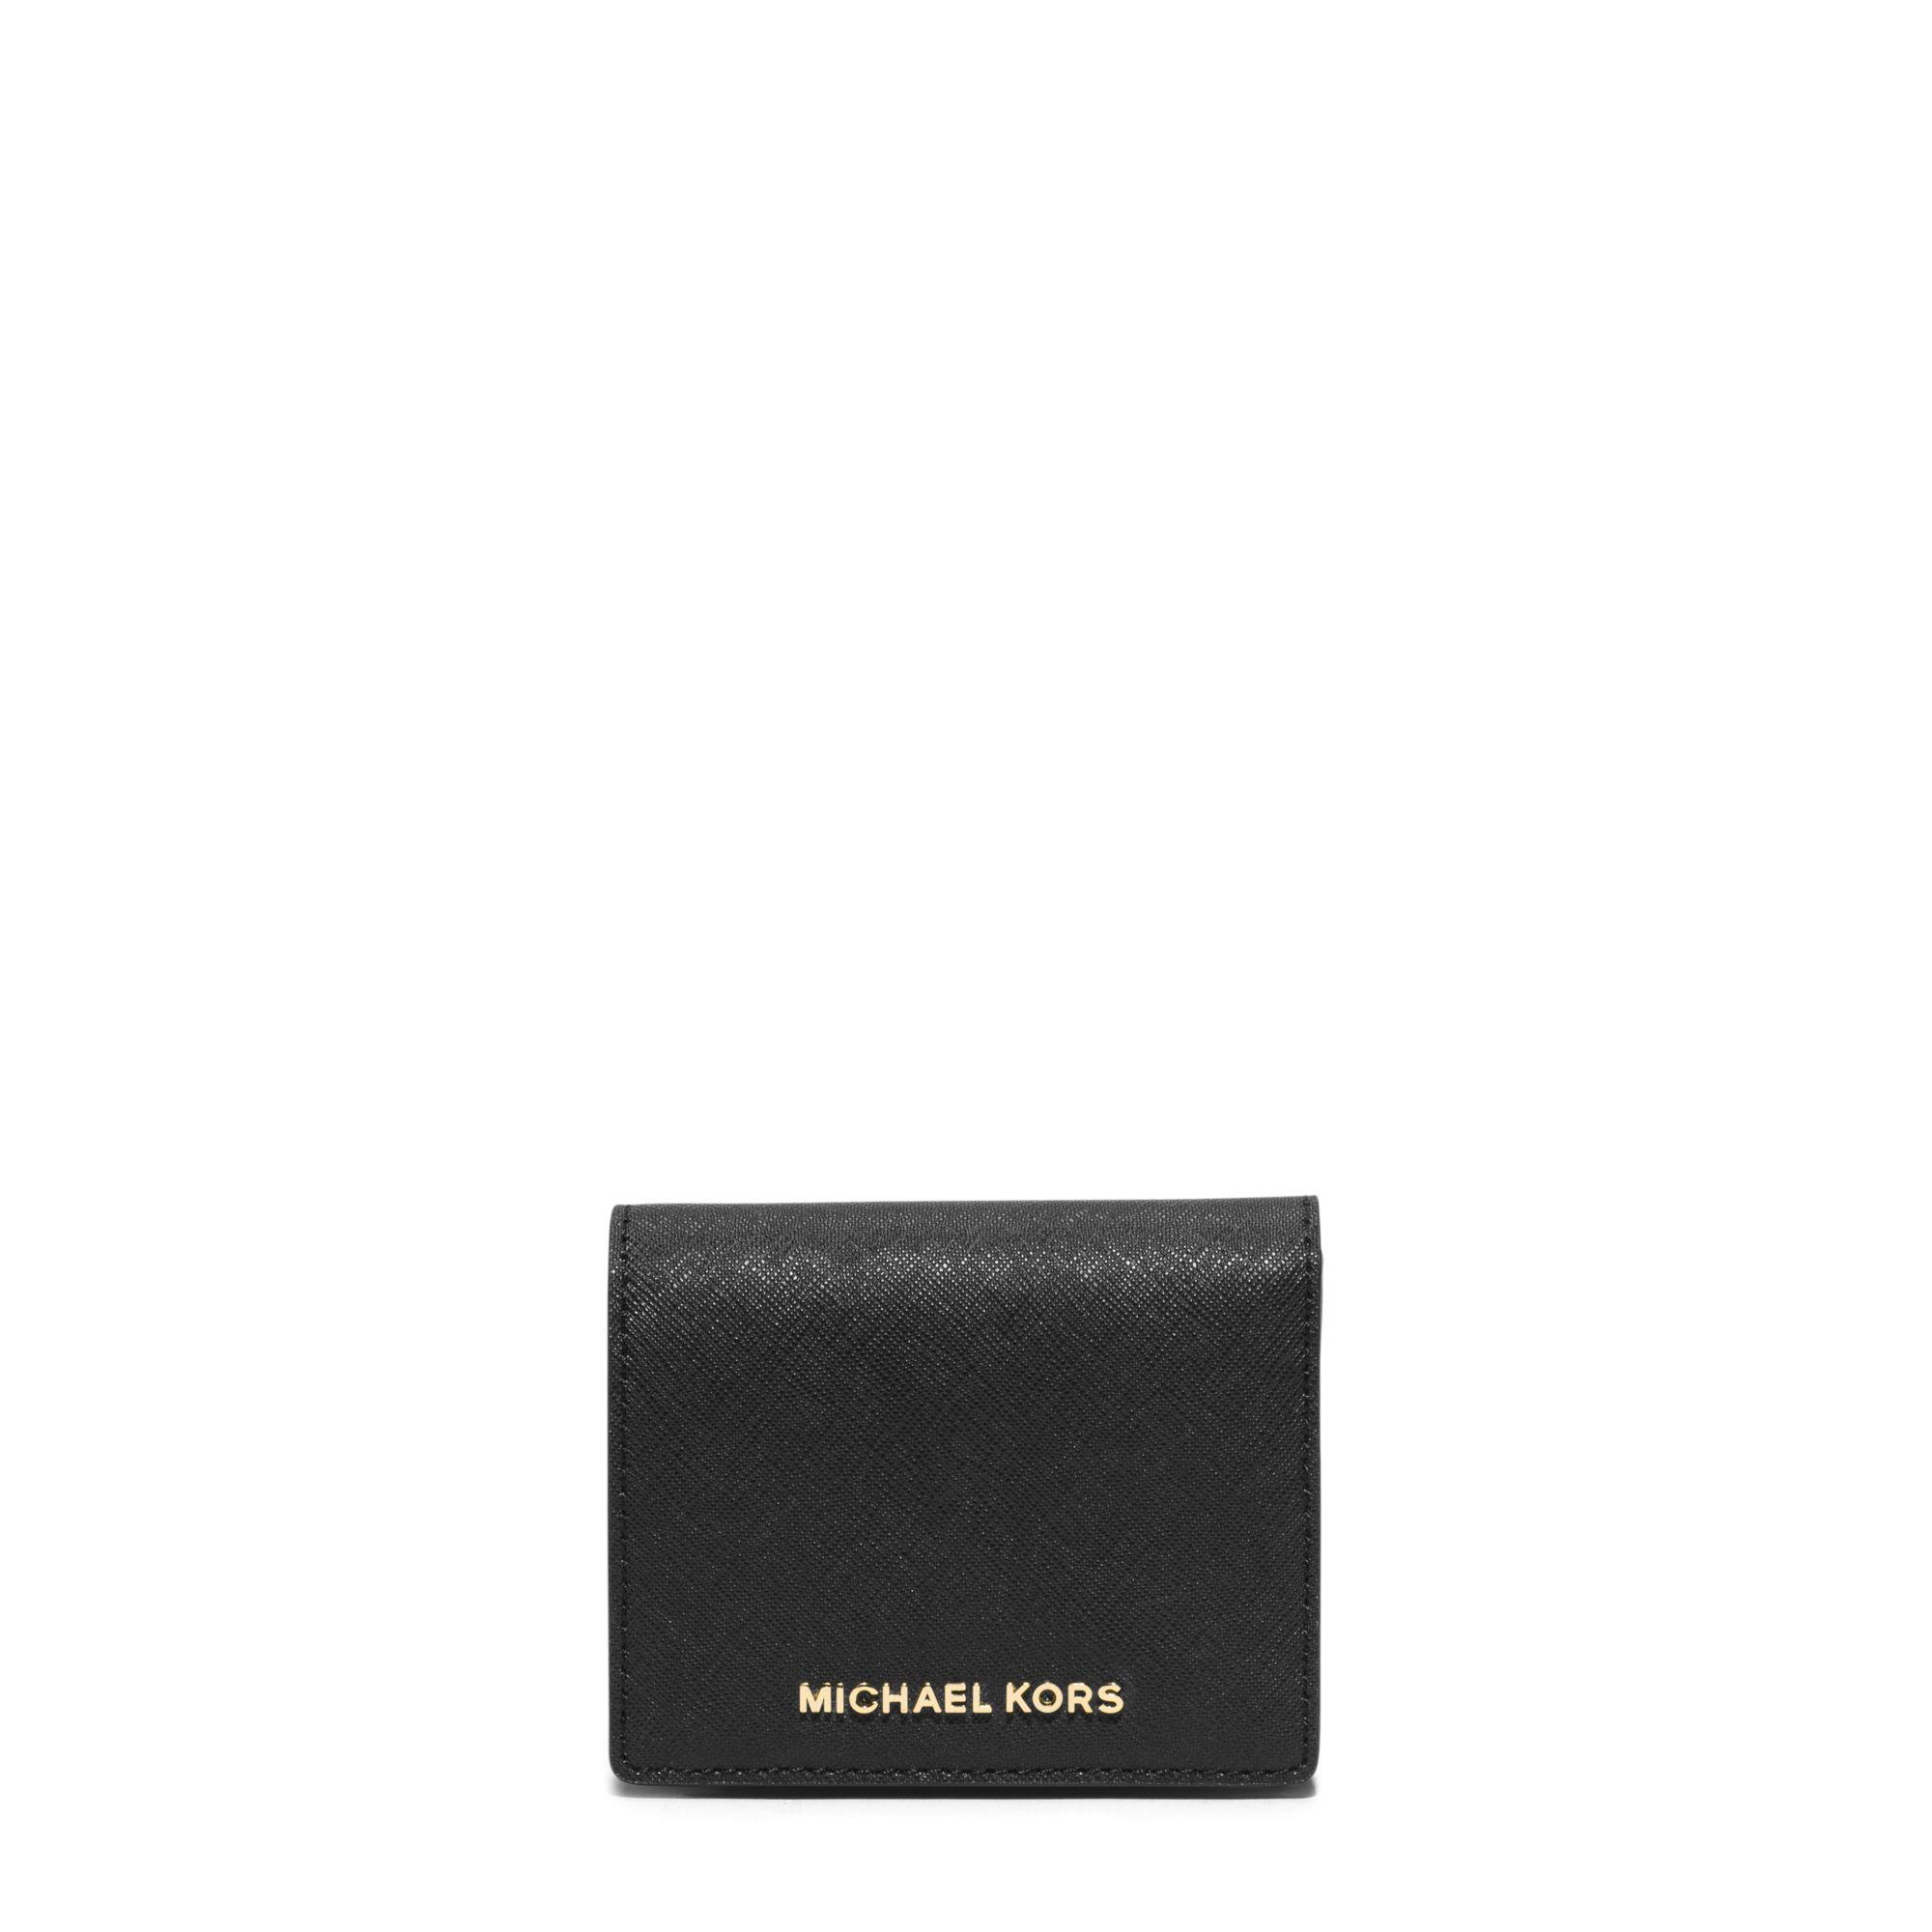 9f22da4af843 Michael Kors Jet Set Travel Saffiano Leather Card Holder in Black - Lyst